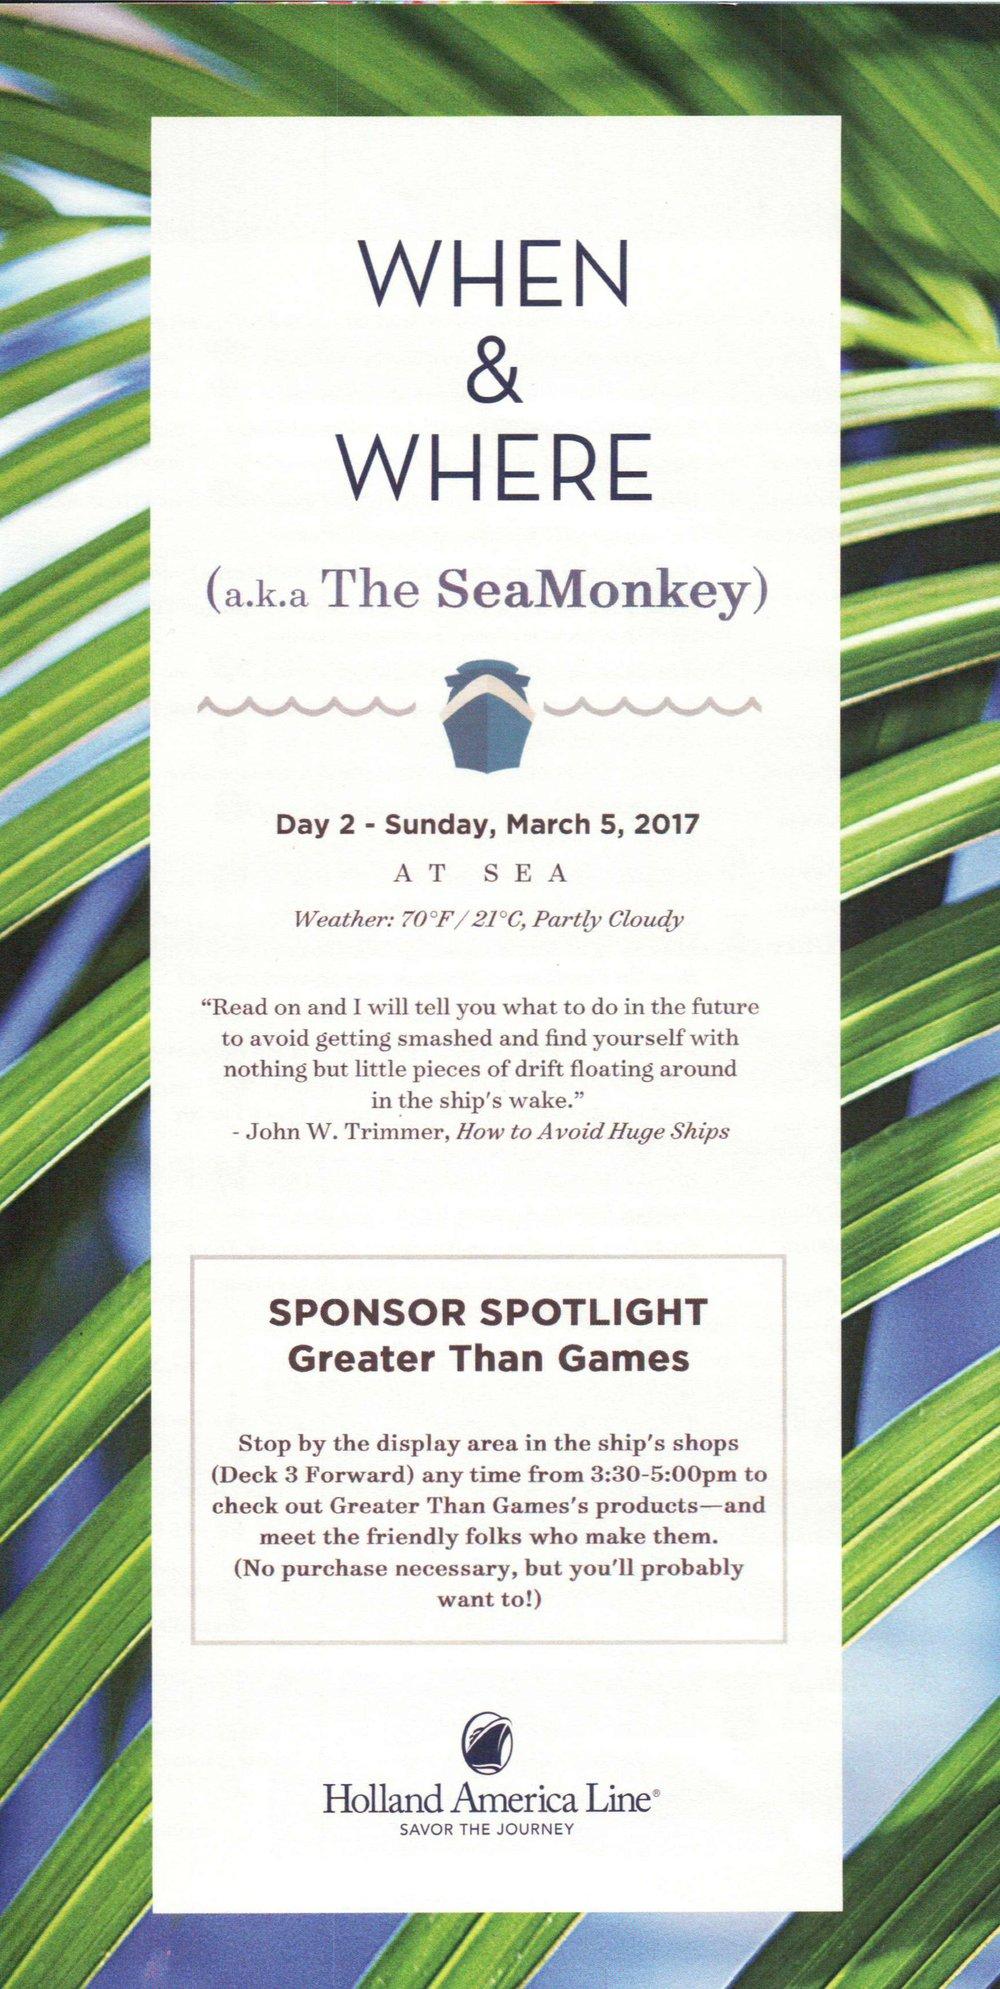 SeaMonkey Day 2